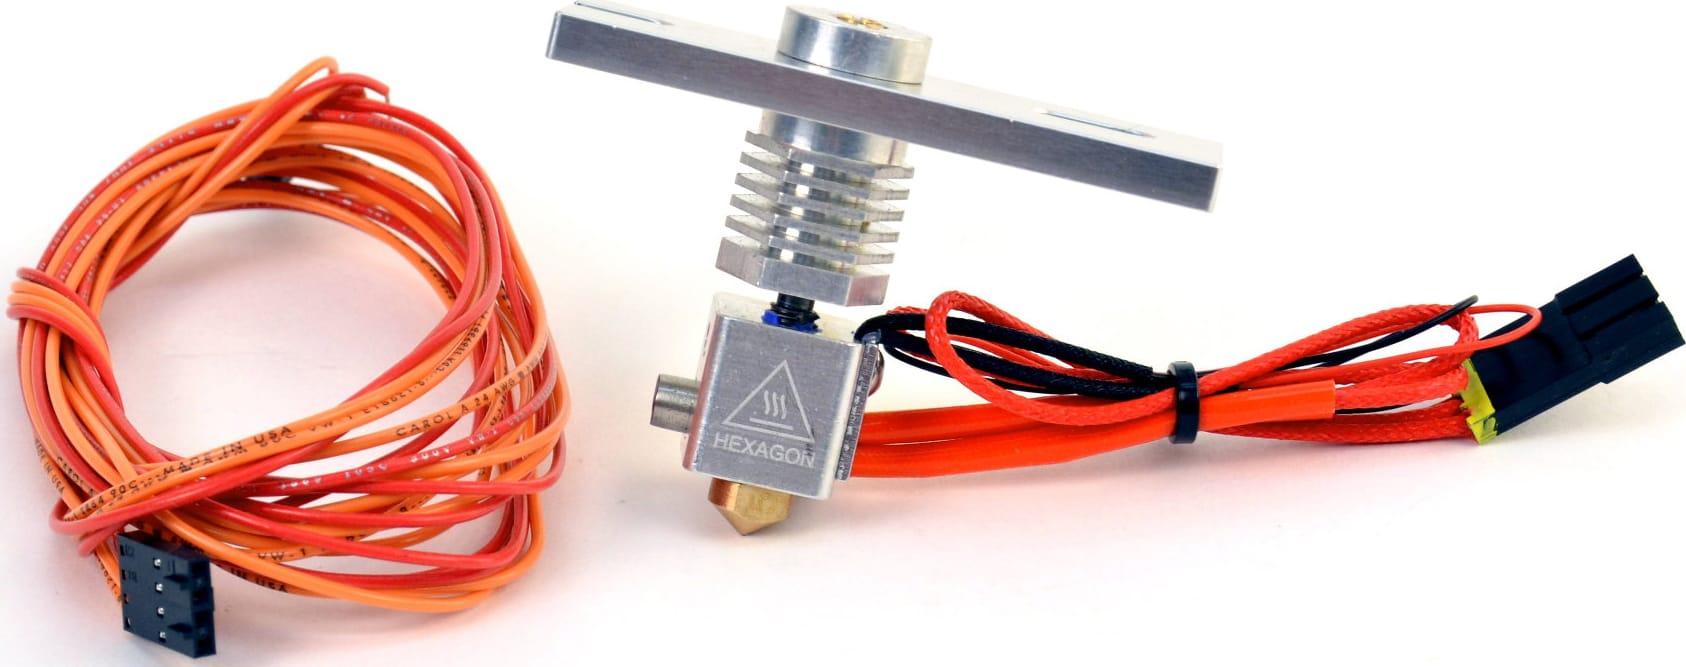 Lulzbot HE-SH0037 LulzBot v2 (Hexagon) Hot End Kit 3.0